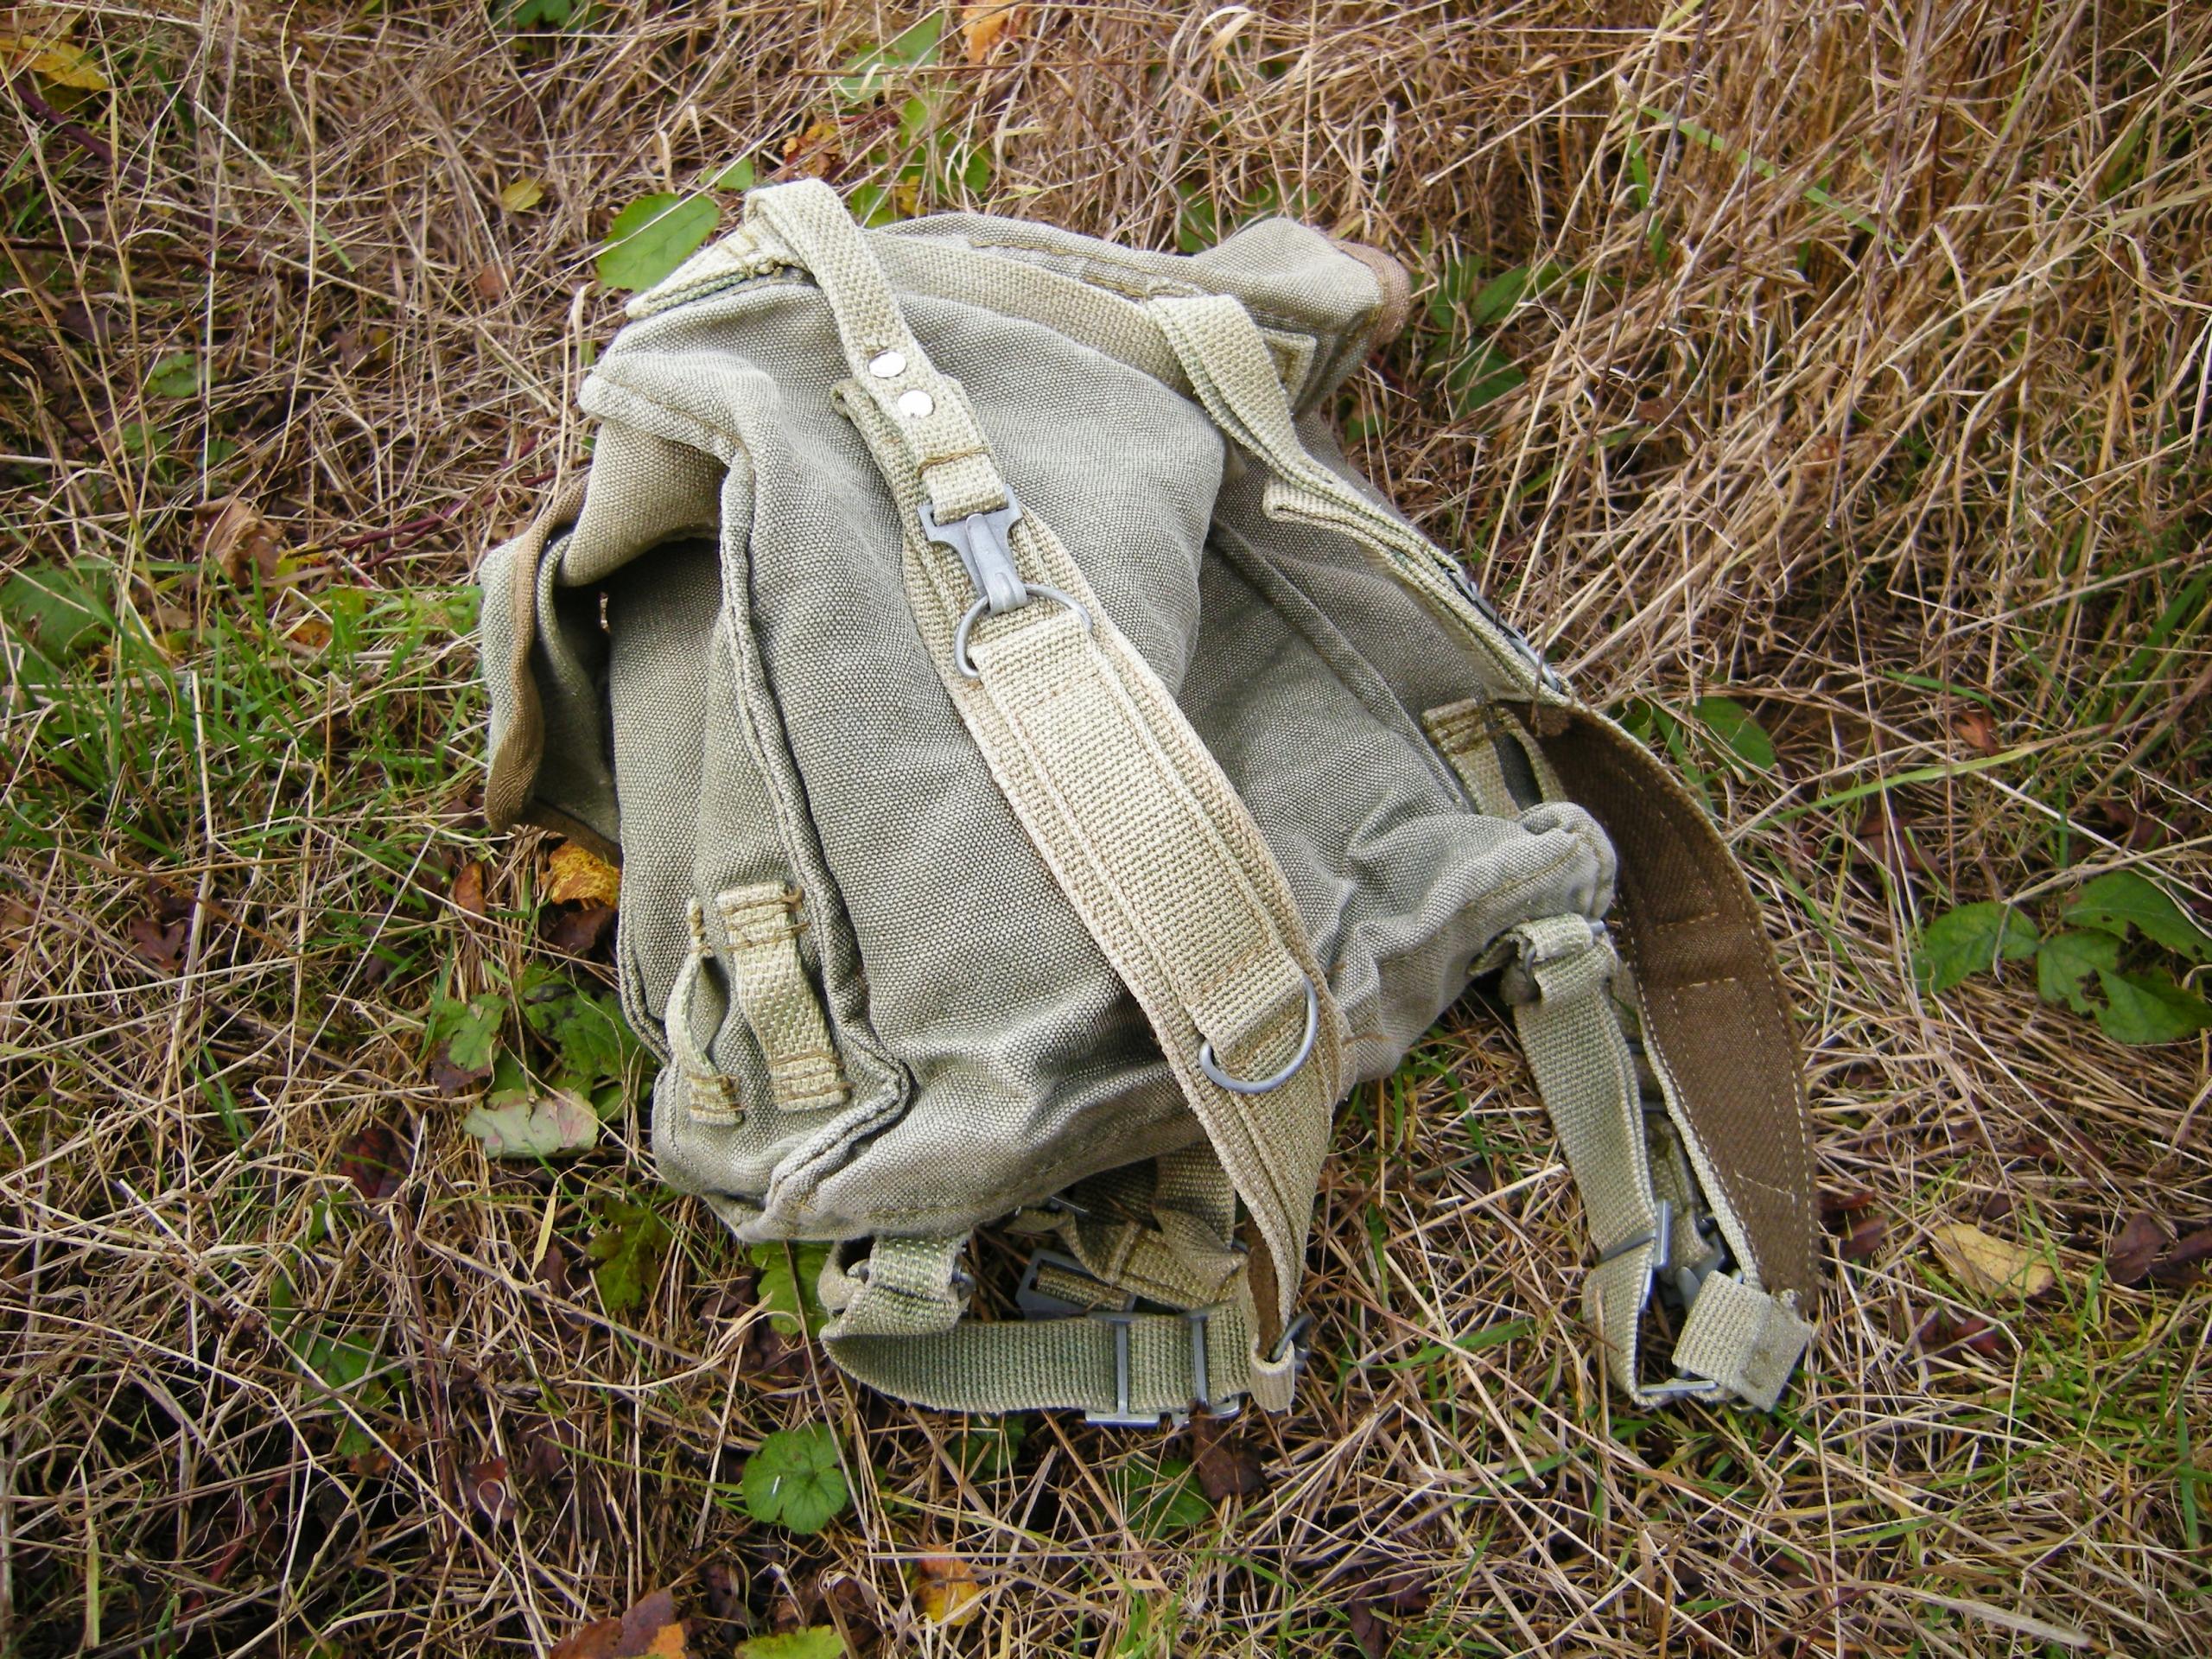 72b56e6d5985c plecak kostka LWP MON demobil grube szelki - 7672359566 - oficjalne ...